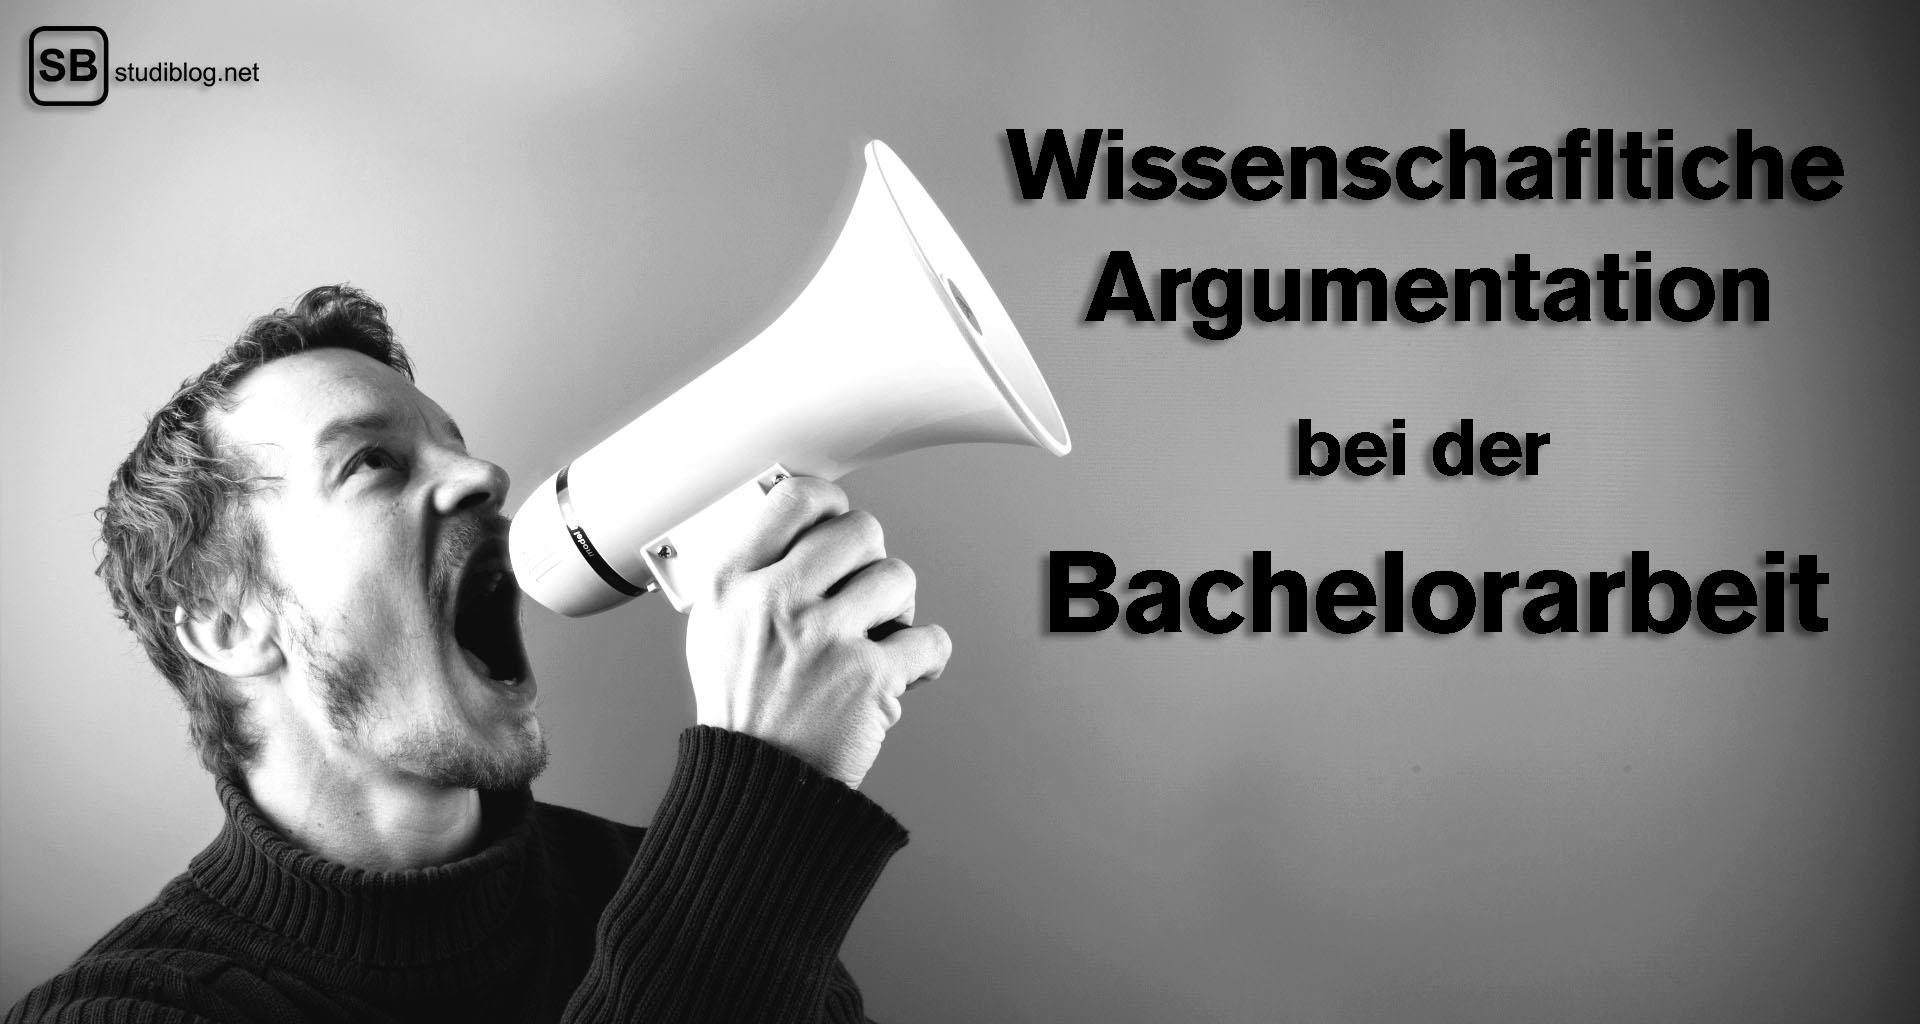 wissenschaftliches-argumentieren-argumentation-bachelorarbeit-studiblog